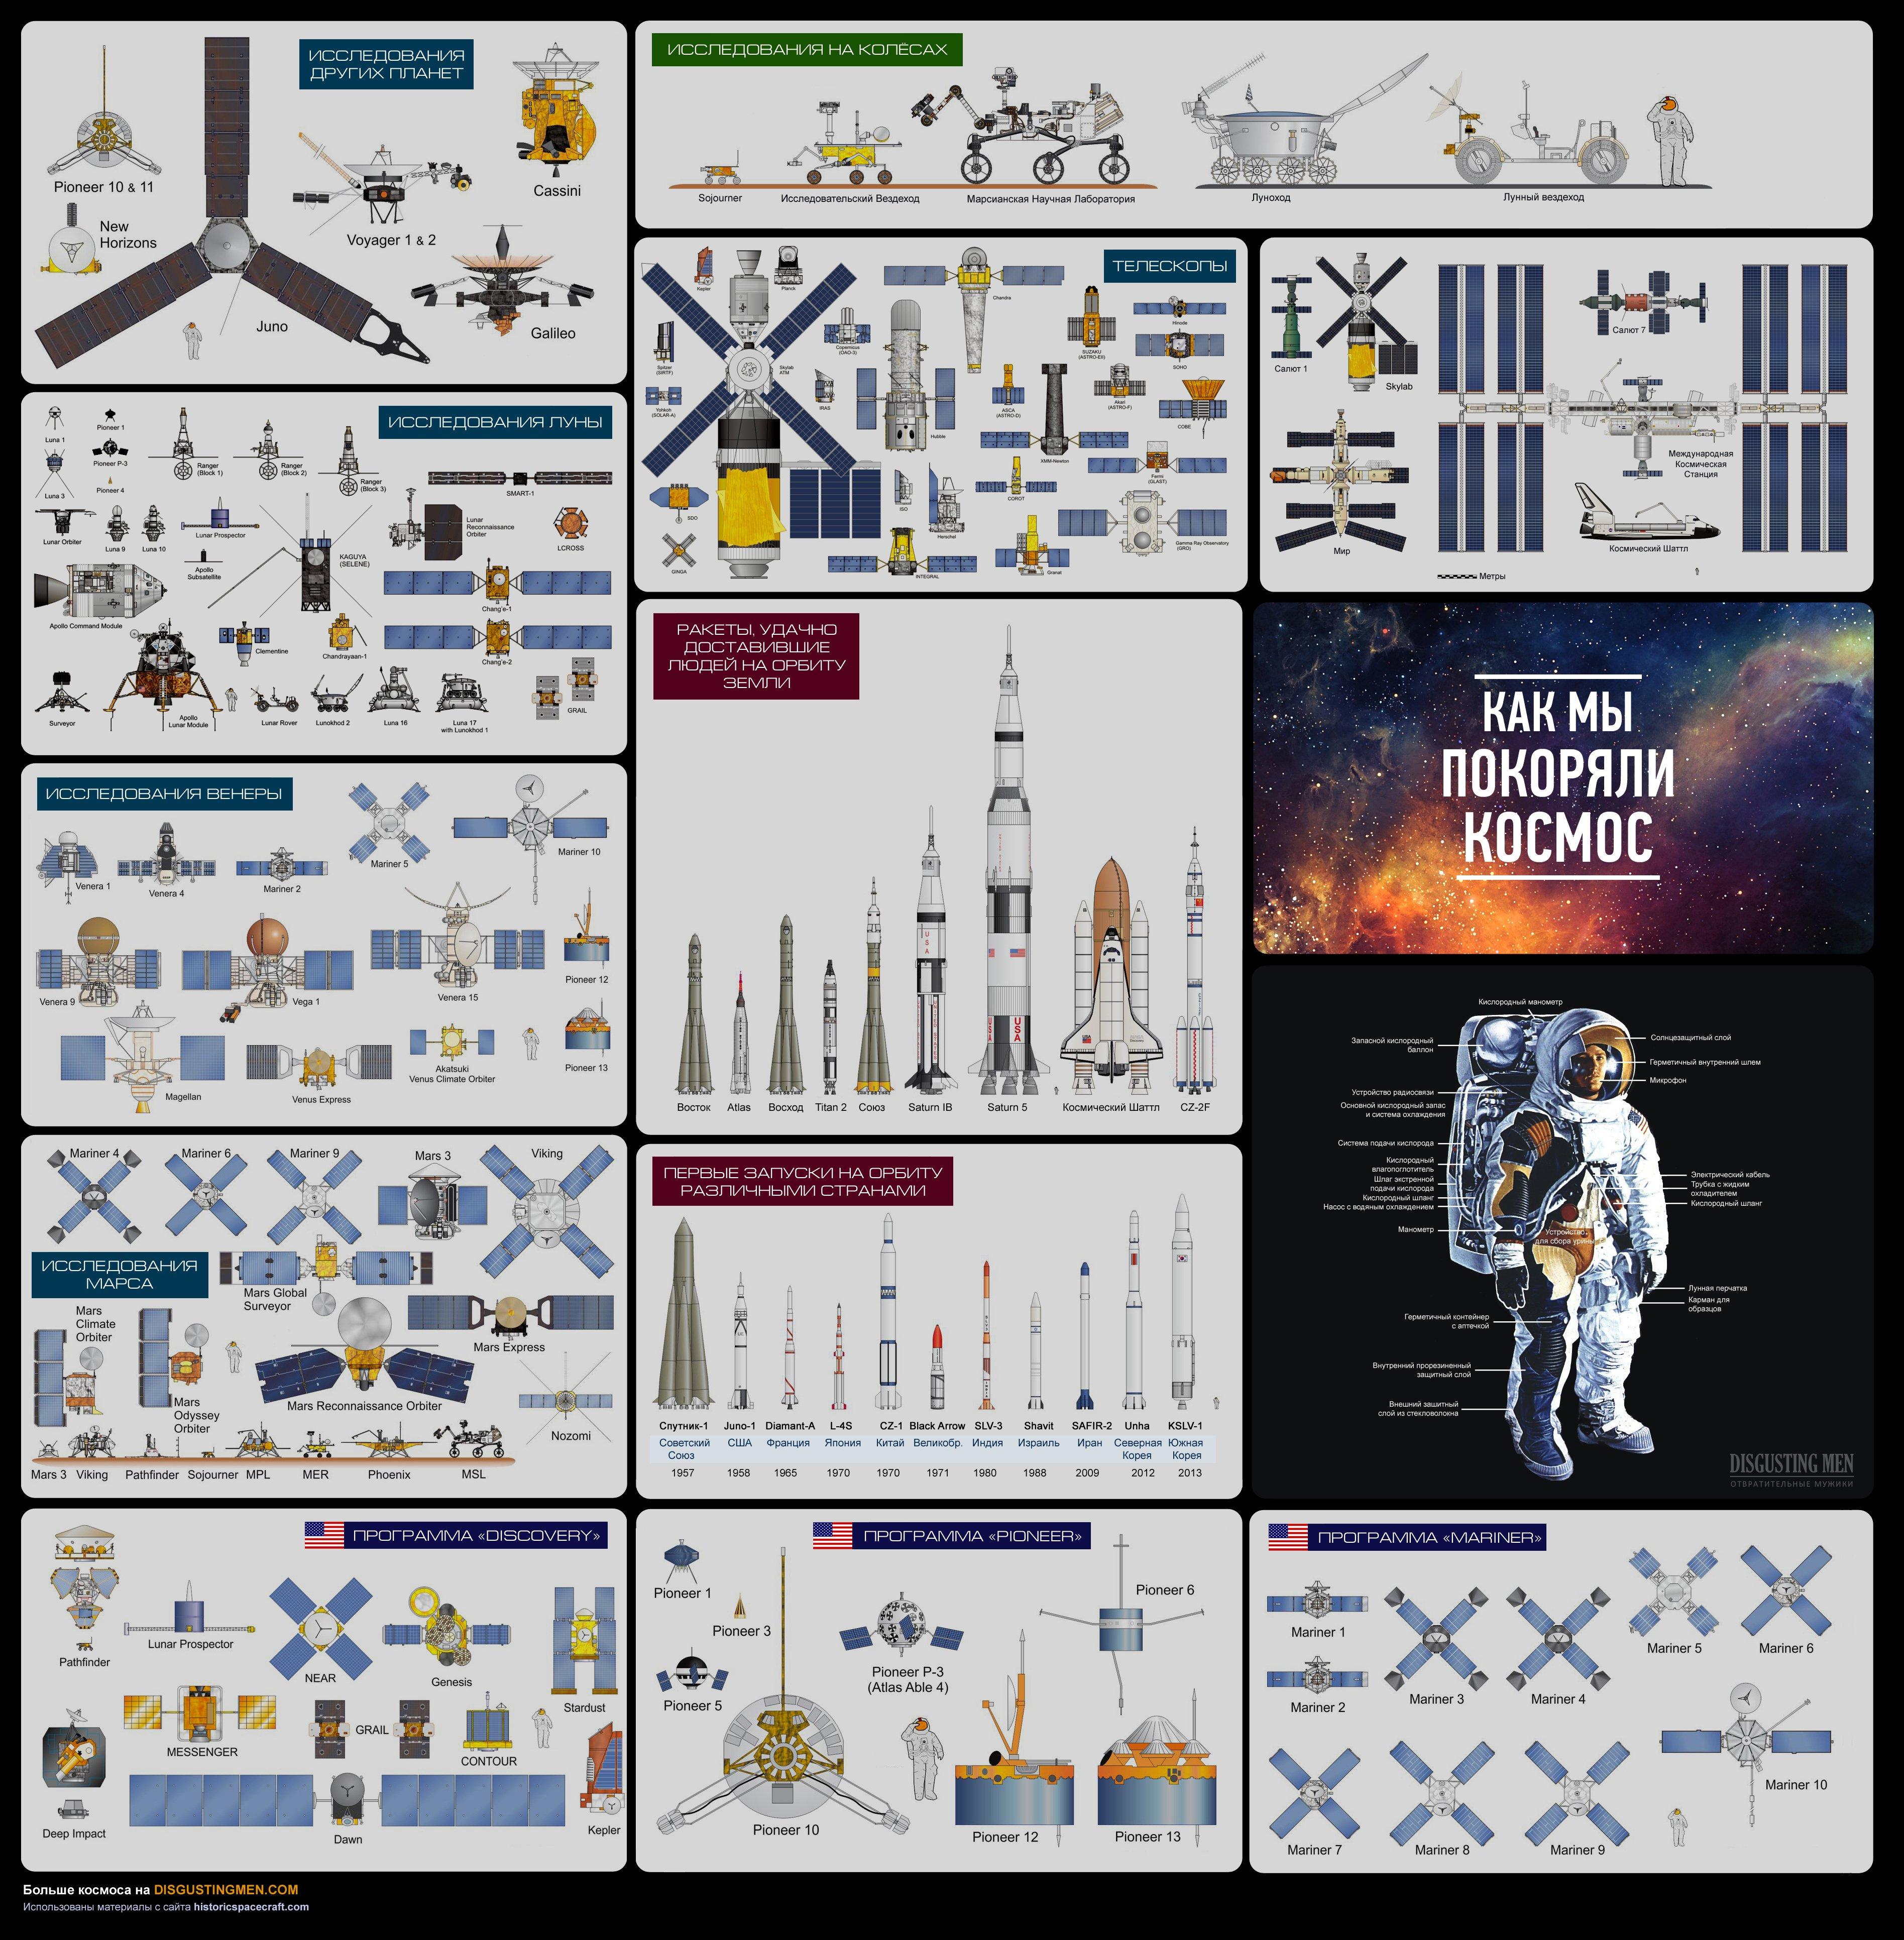 Как мы покоряли космос